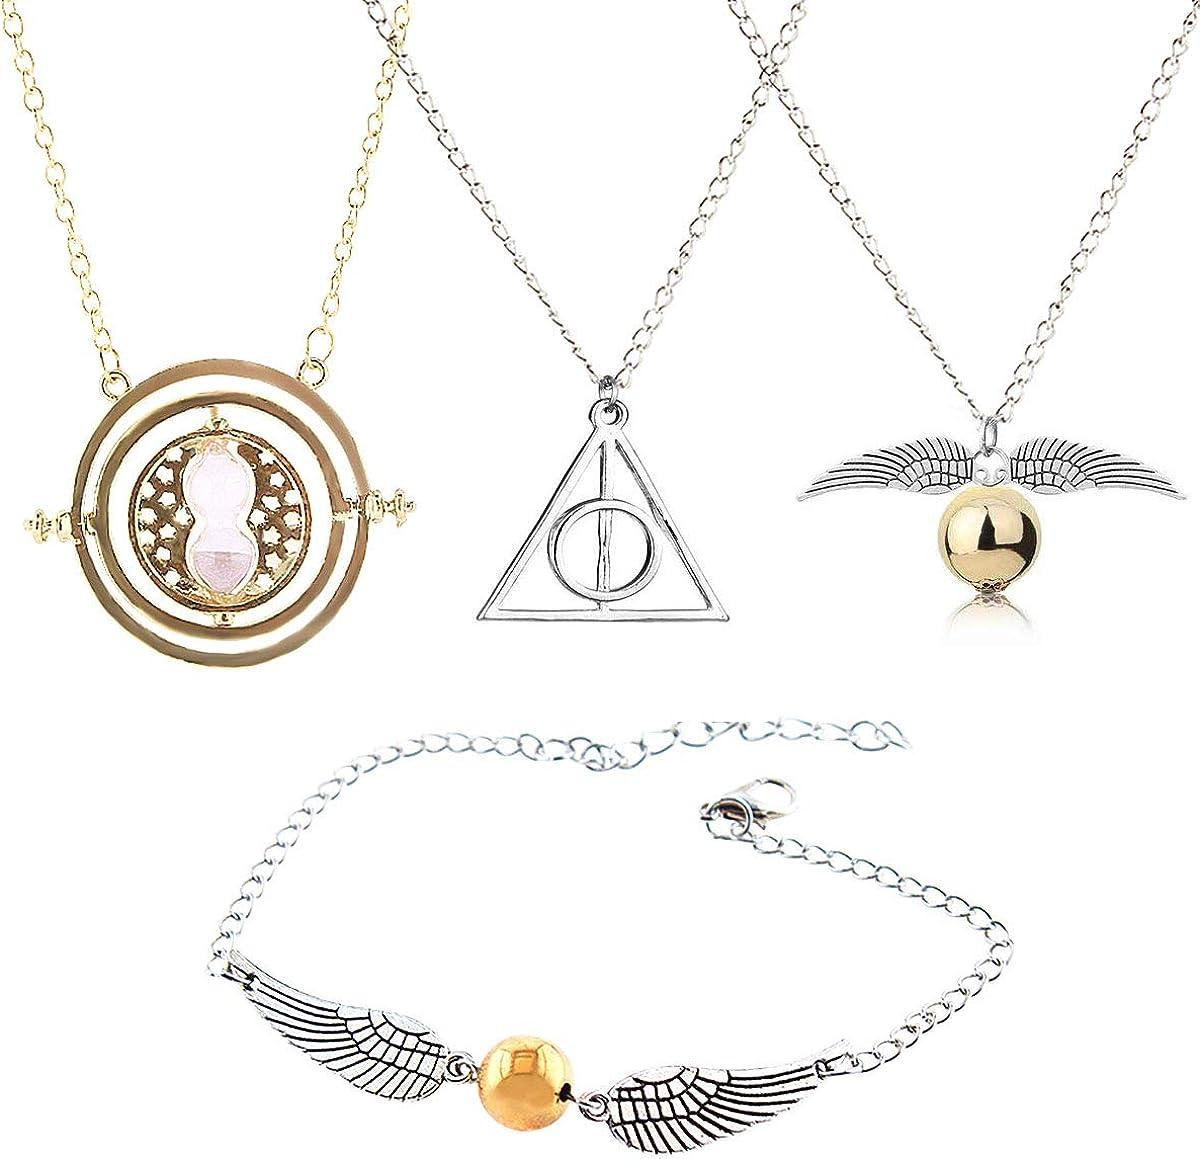 GeeVen Collar de 4 piezas con colgante de cadena con dise/ño de las Reliquias de la Muerte de la Muerte de Snitch Time Turner para colecciones de regalos inspiradas en Harry